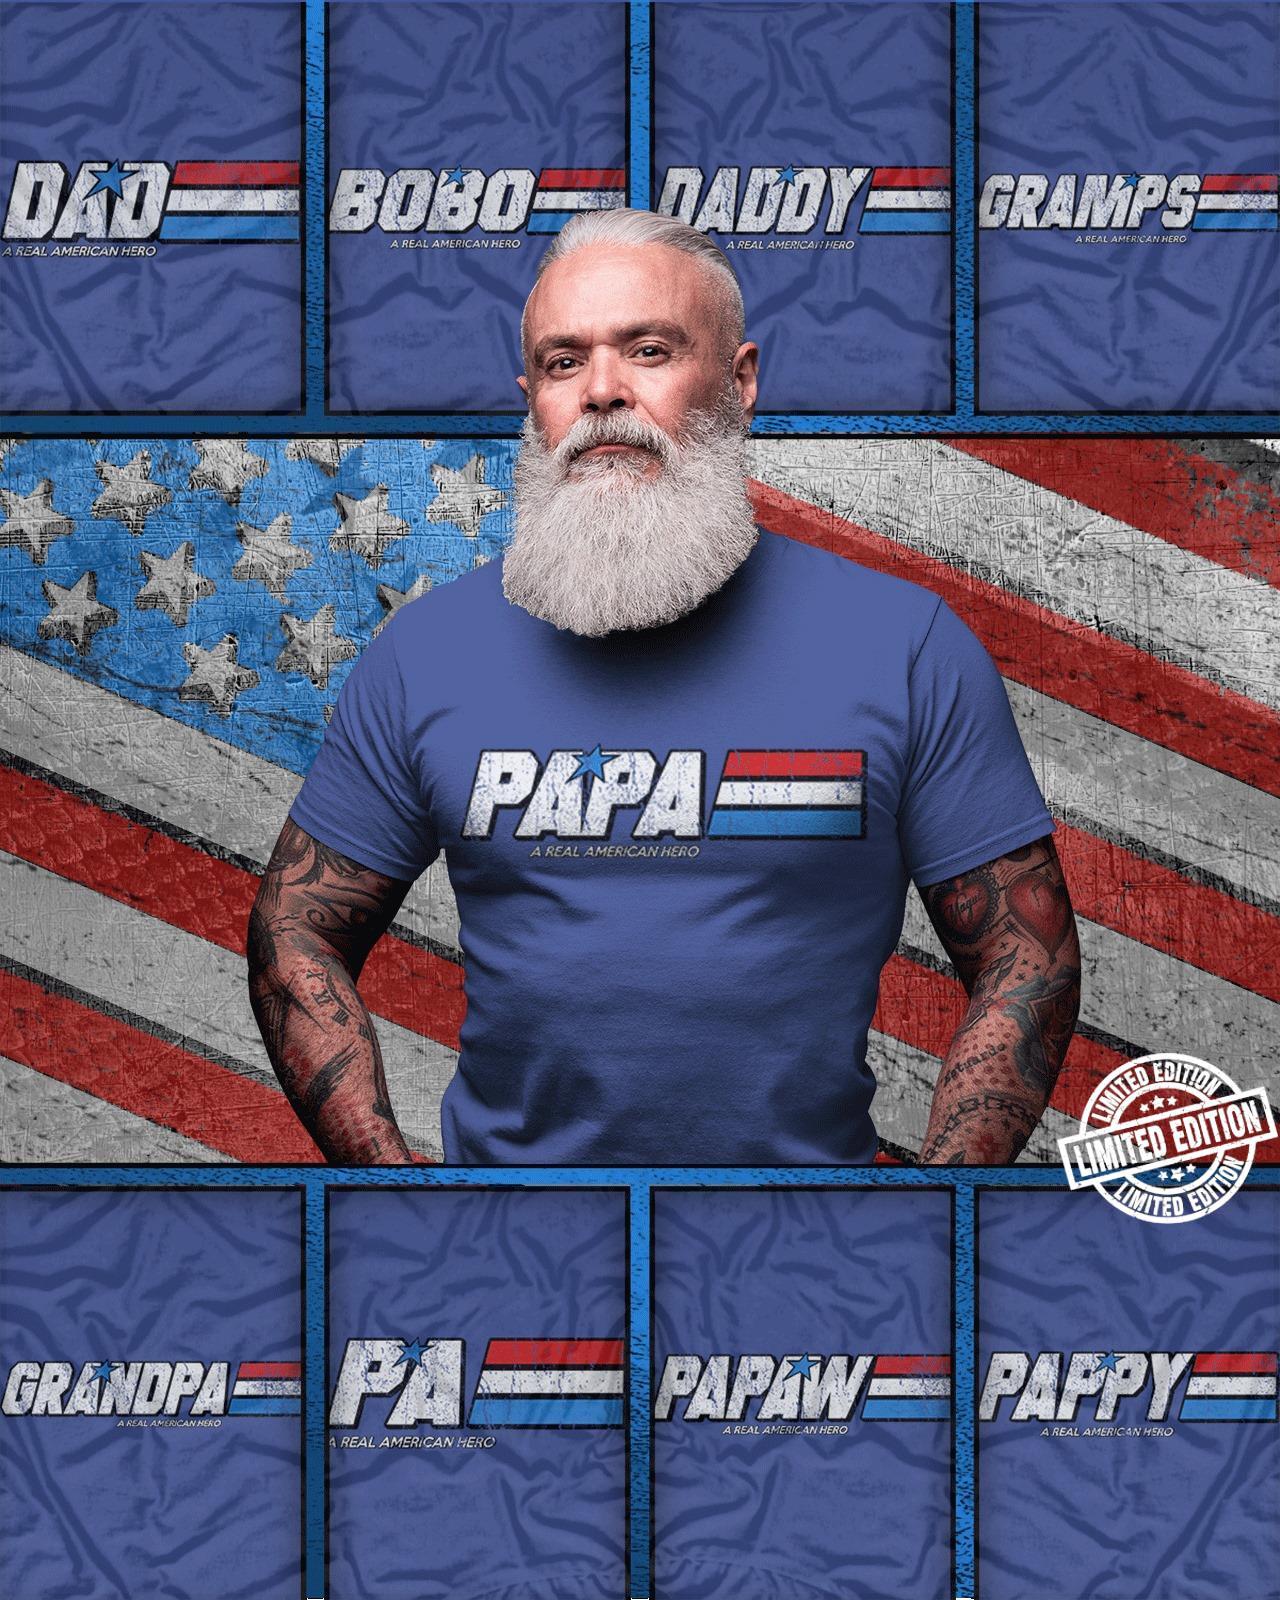 Papa Dad Bobo Daddy Gramps Grandpa Pa Pappy shirt